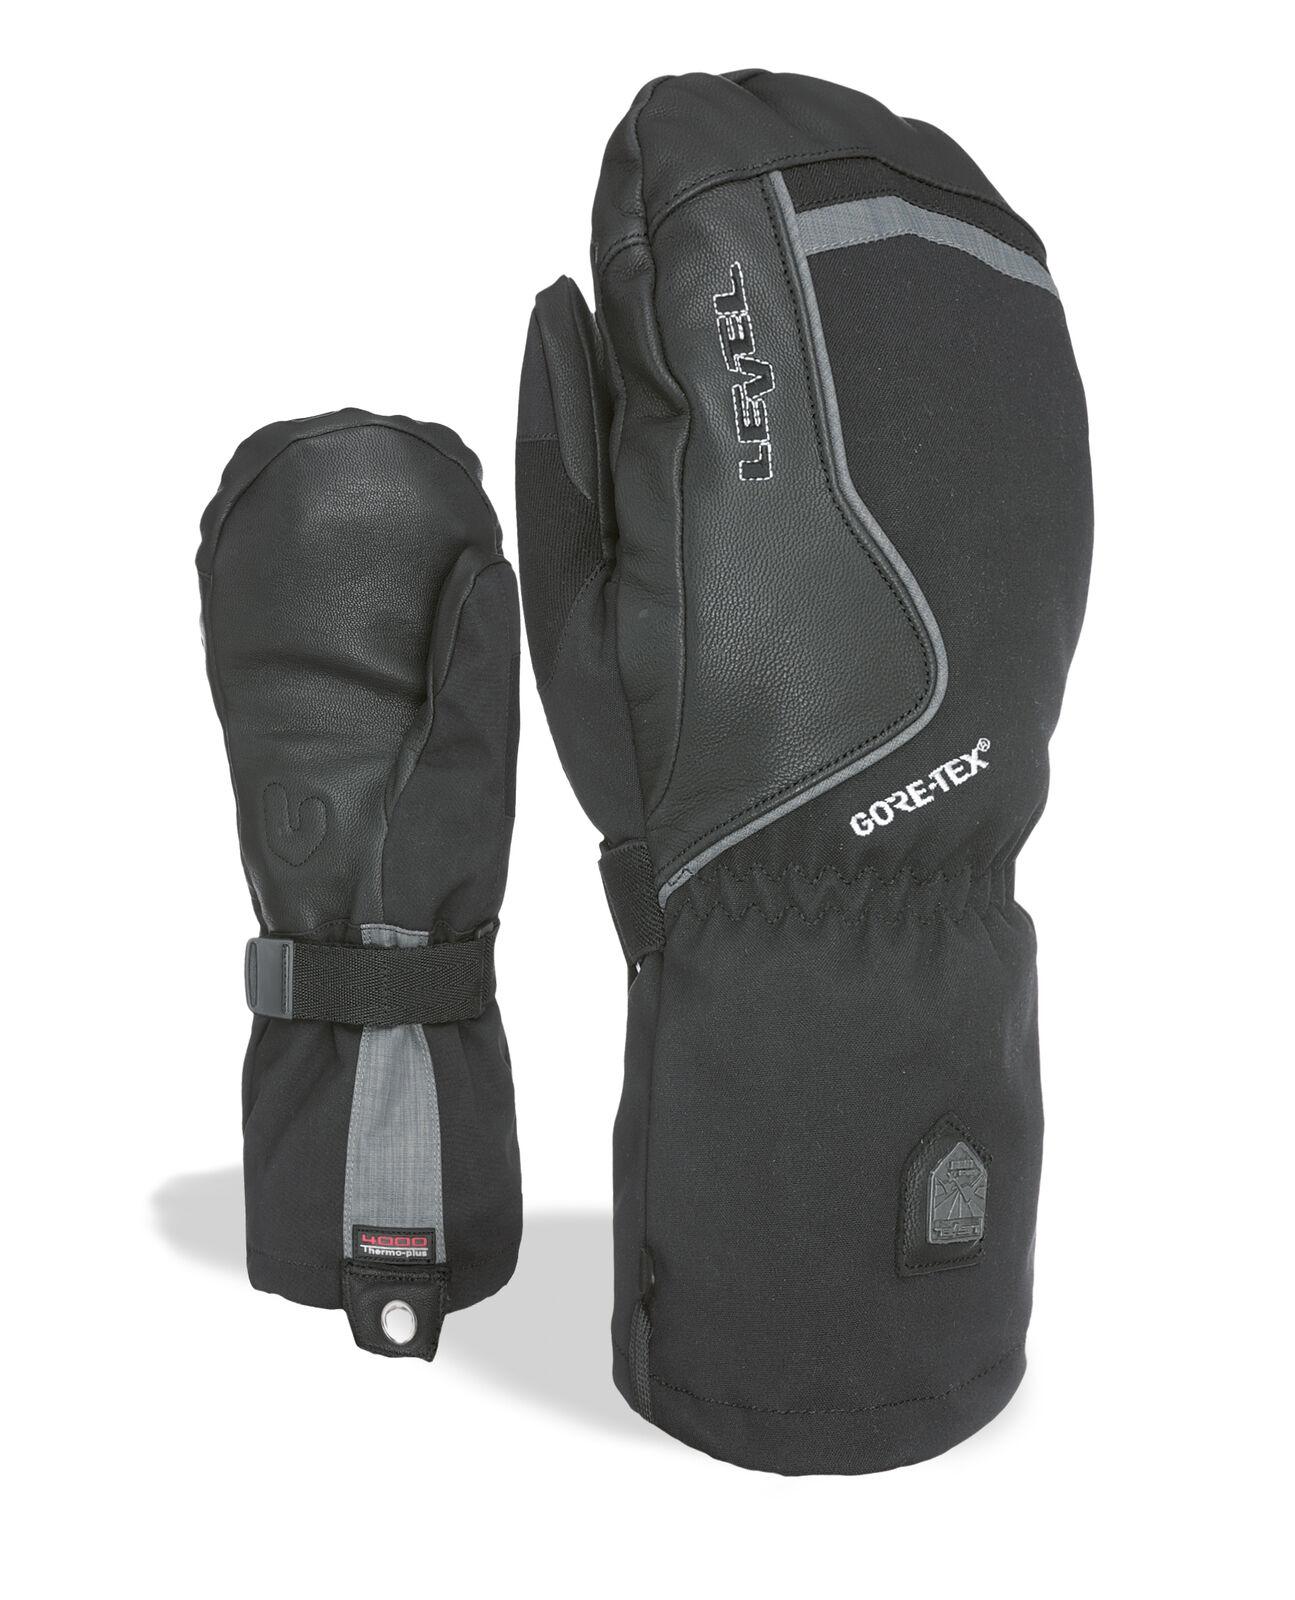 Level Handschuh Heli Mitt Gore-Tex black winddicht wasserdicht